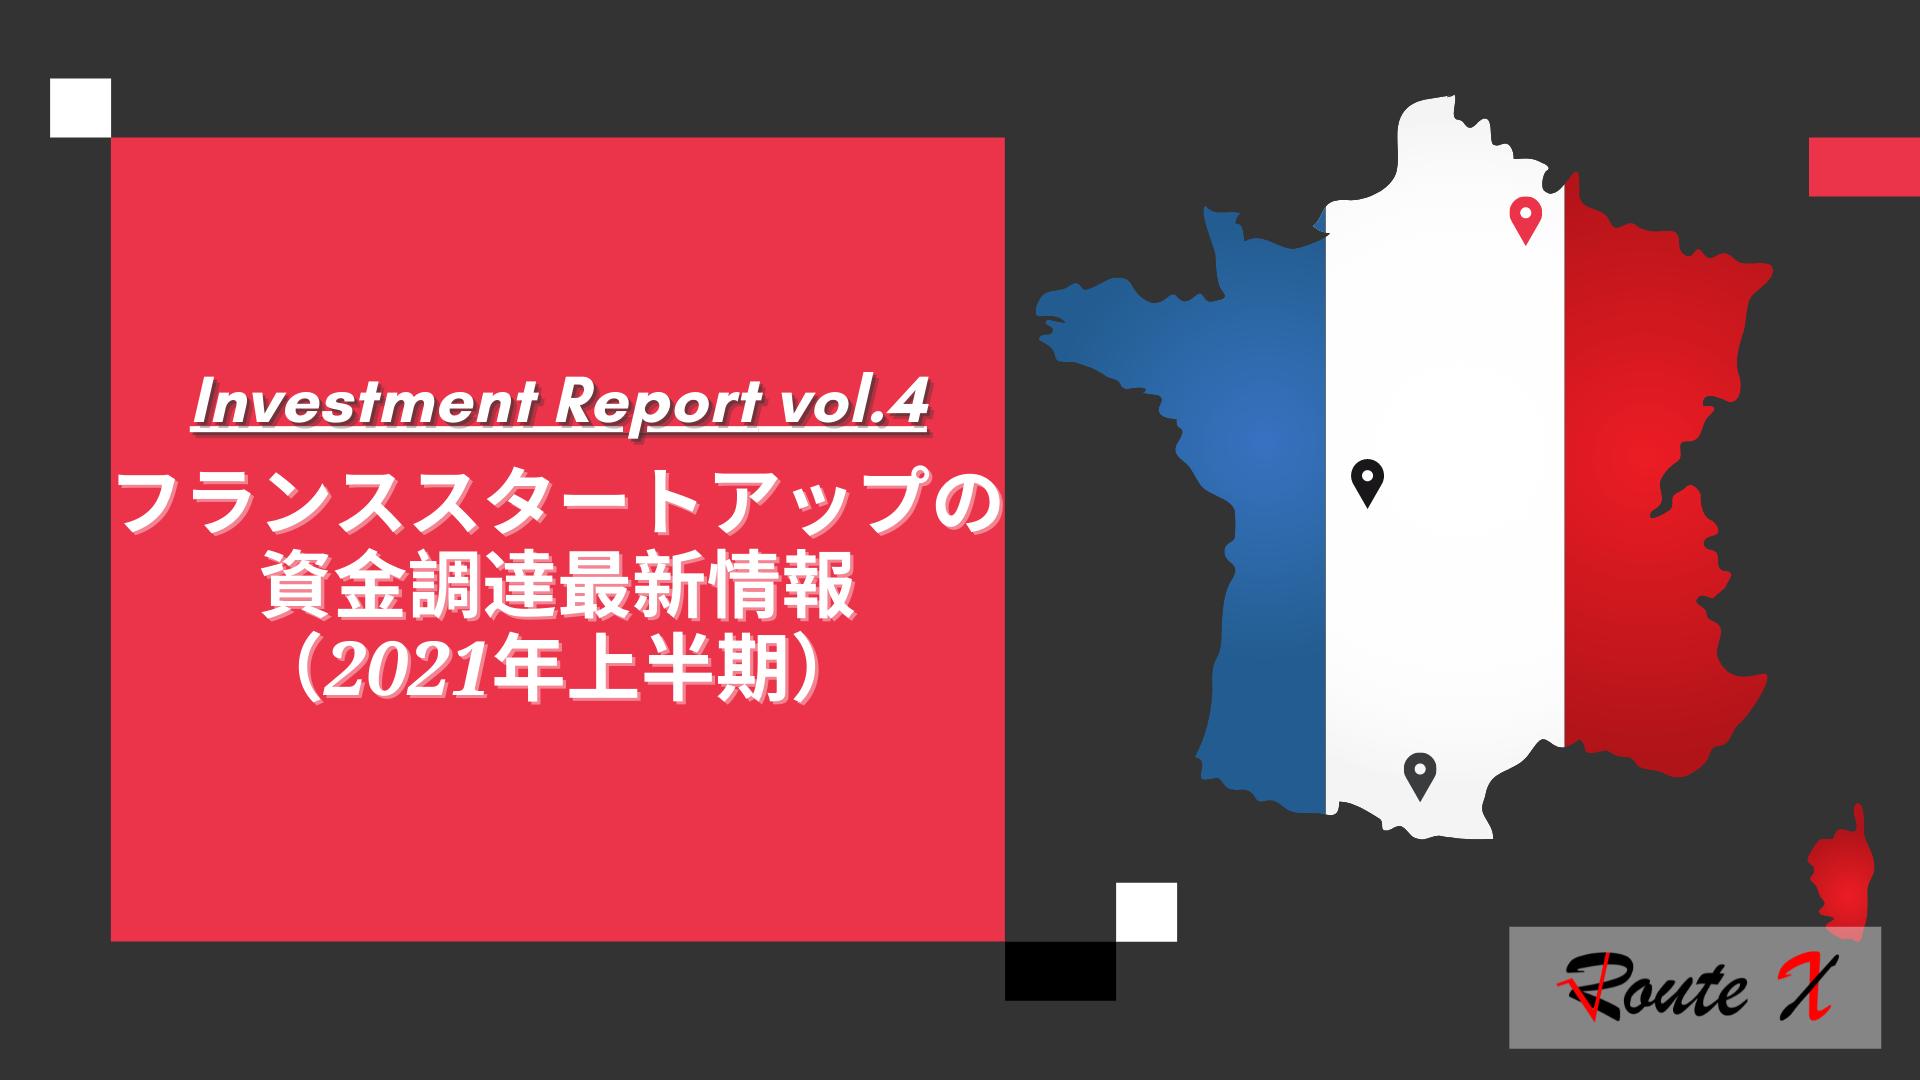 フランススタートアップの資金調達最新情報 (2021年上半期)